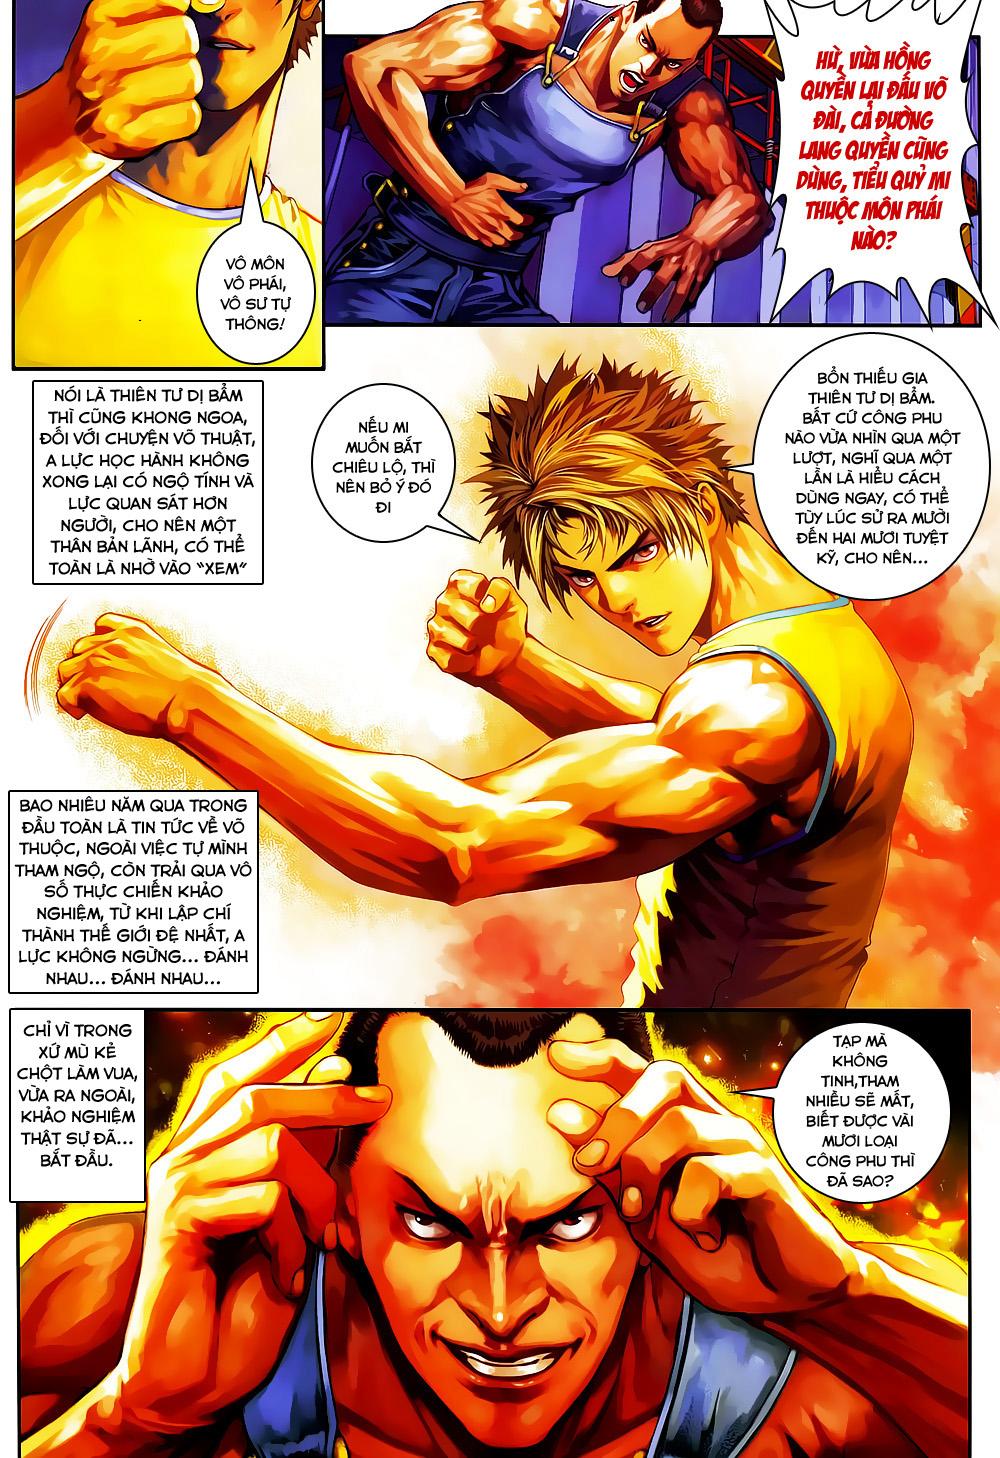 Quyền Đạo chapter 2 trang 17